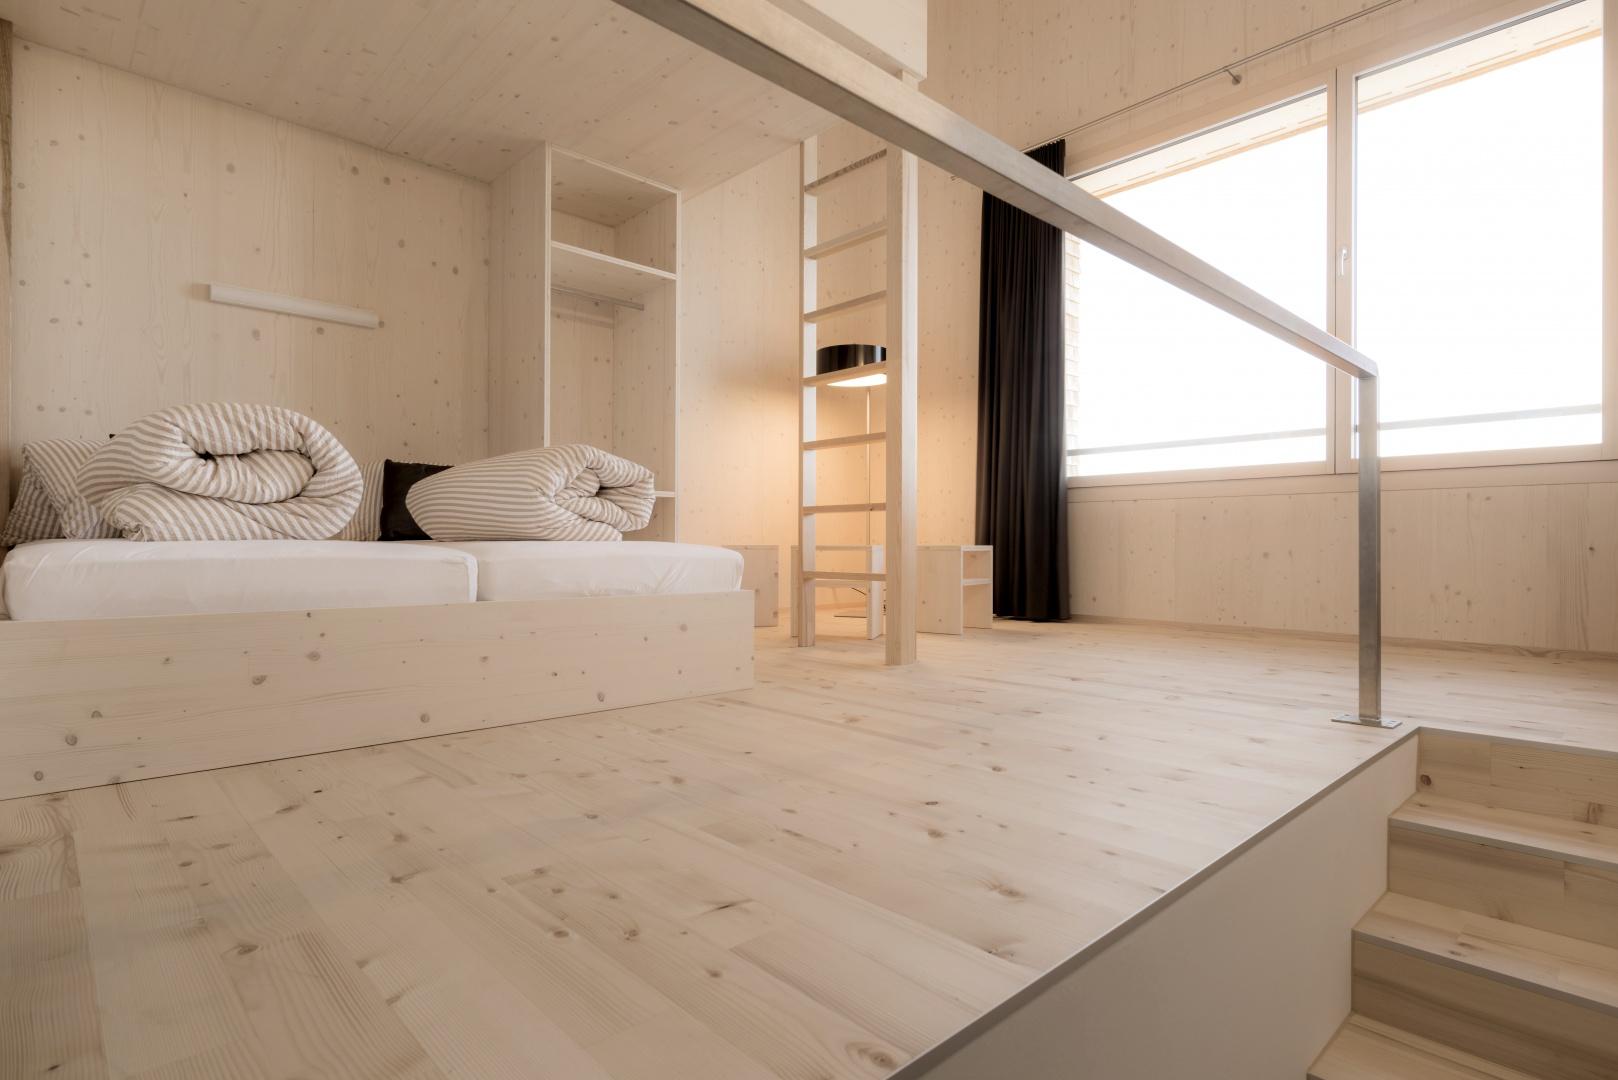 Zimmer  © Zürrer Design, Schwyz